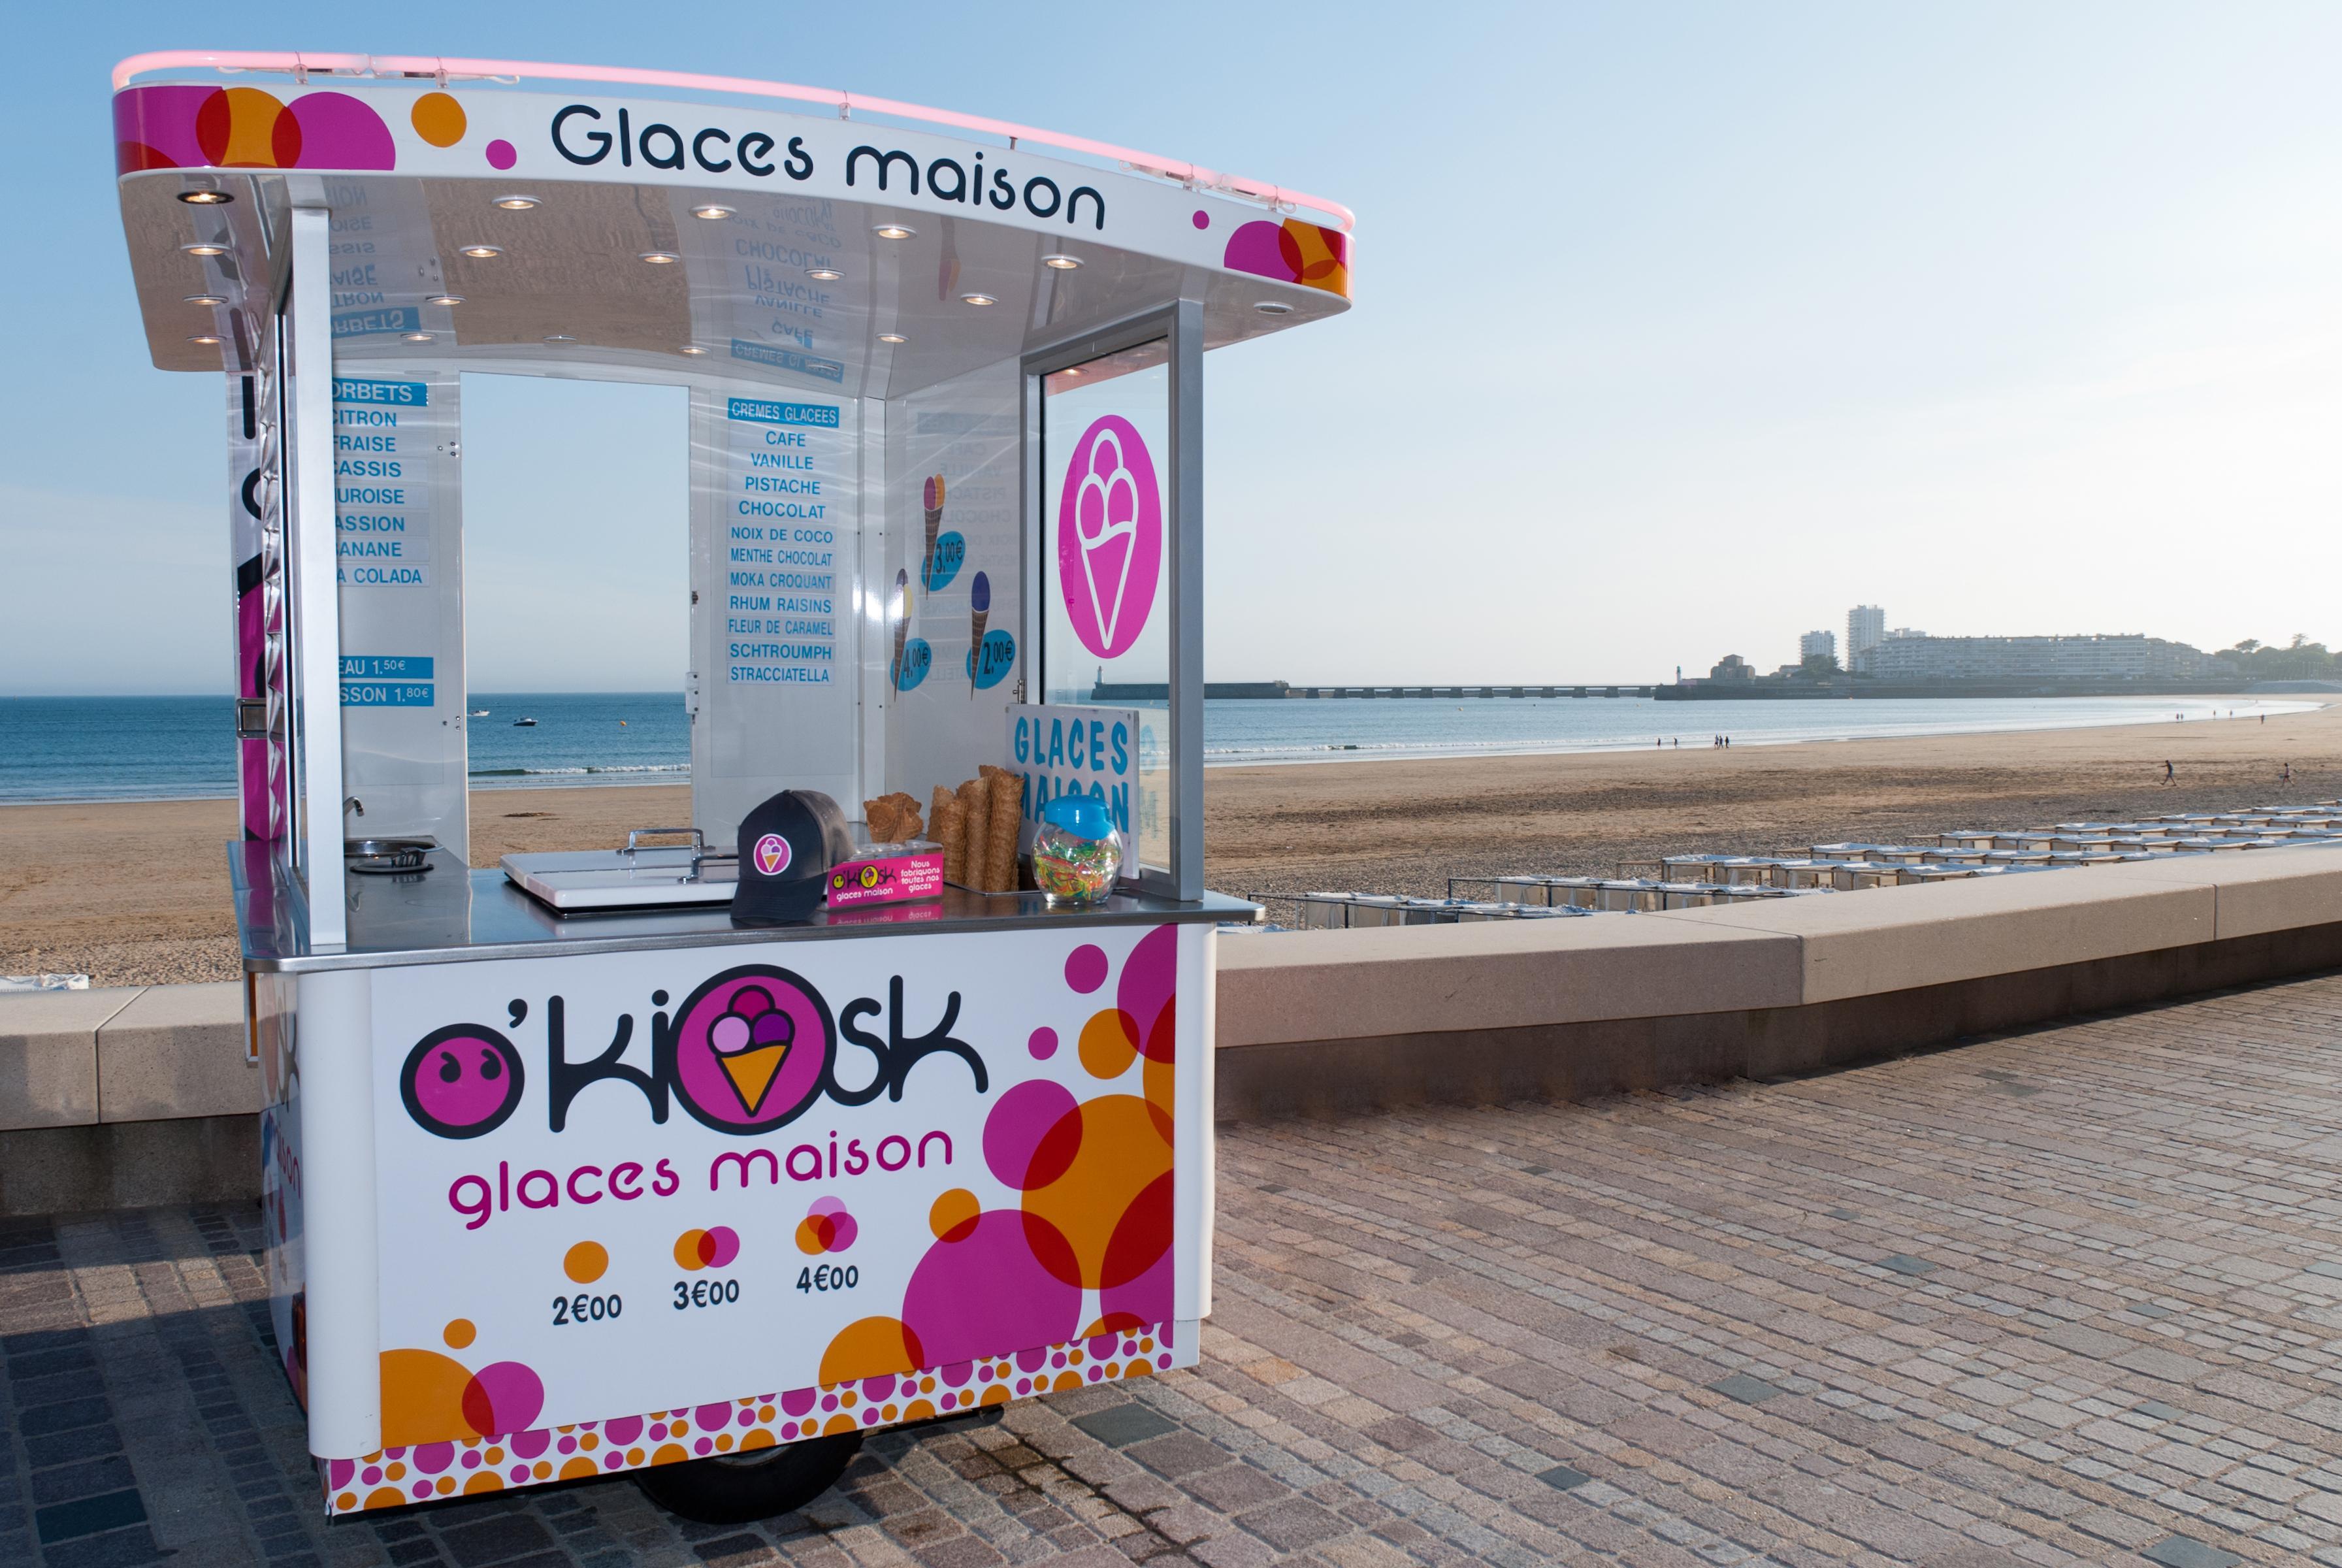 O'kiok : Les meilleures glaces des Sables d'Olonne en kiosque